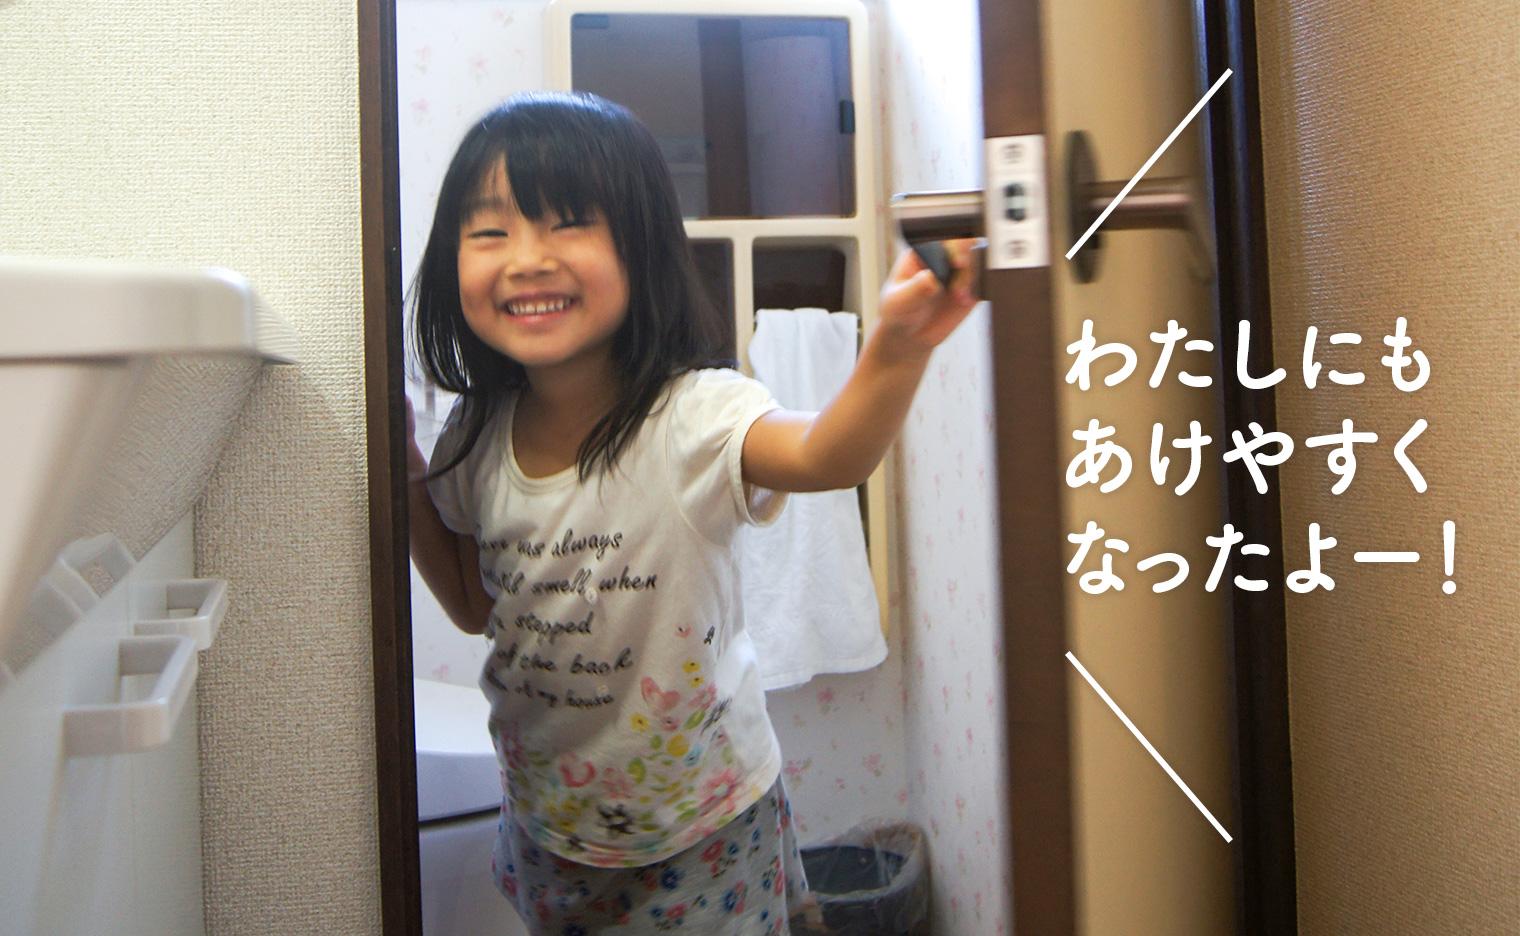 石井さんのお子さんもドアが開けやすそうな様子